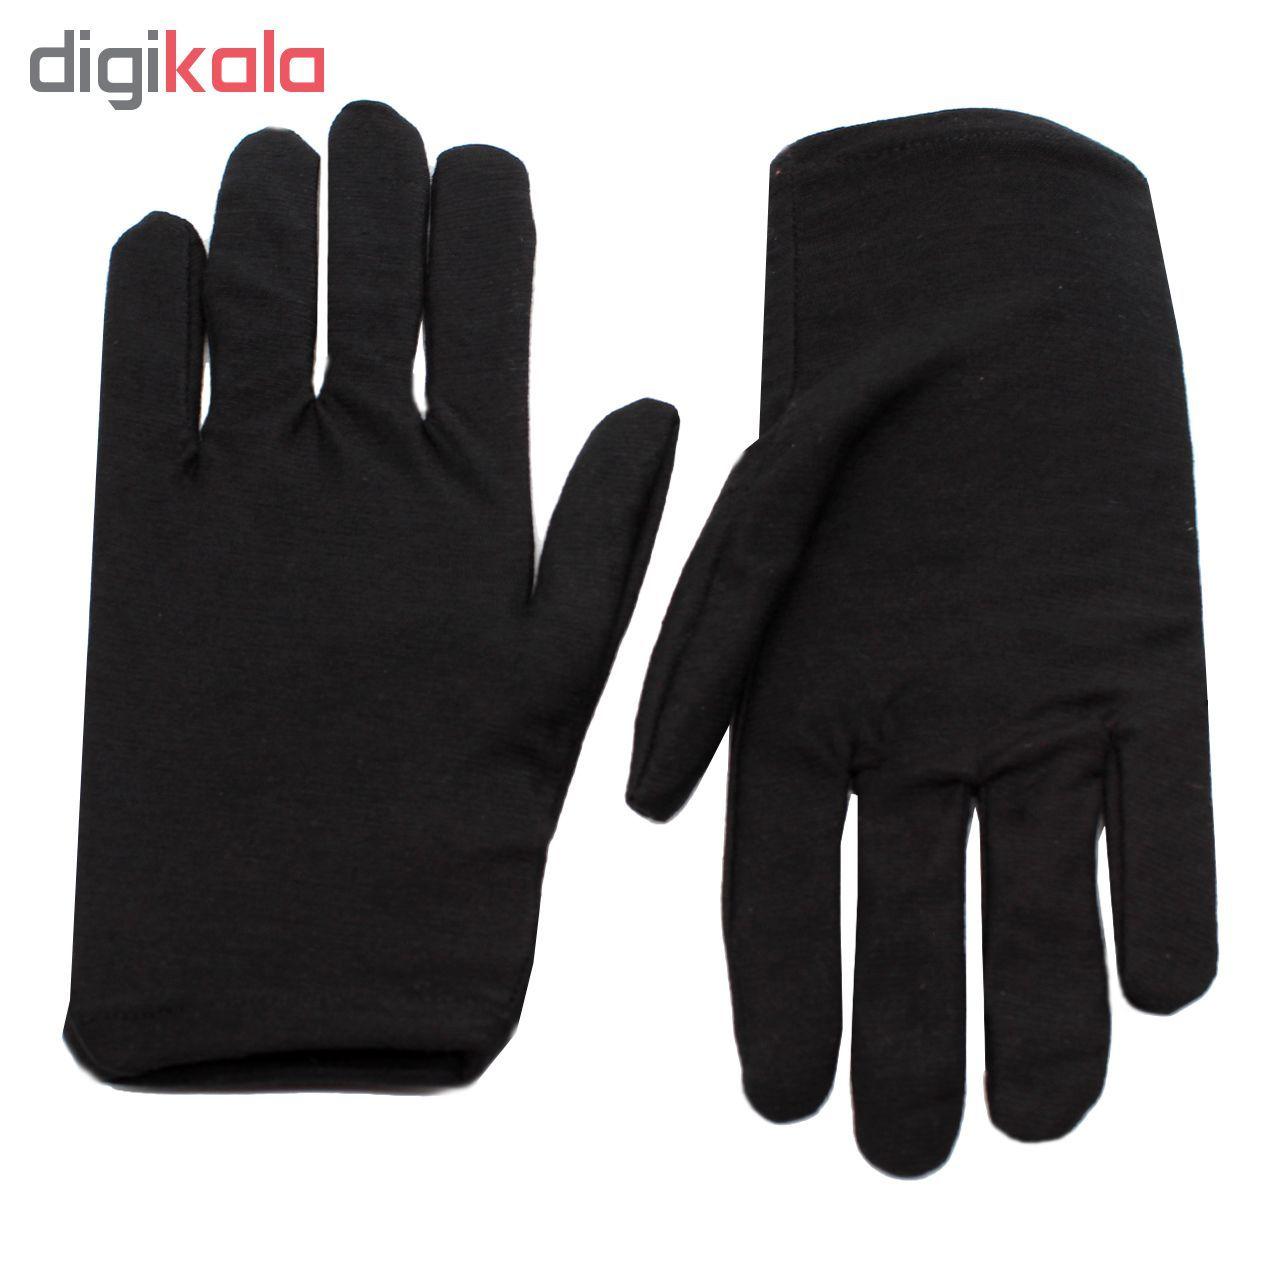 دستکش زنانه مدل AD-002 main 1 2